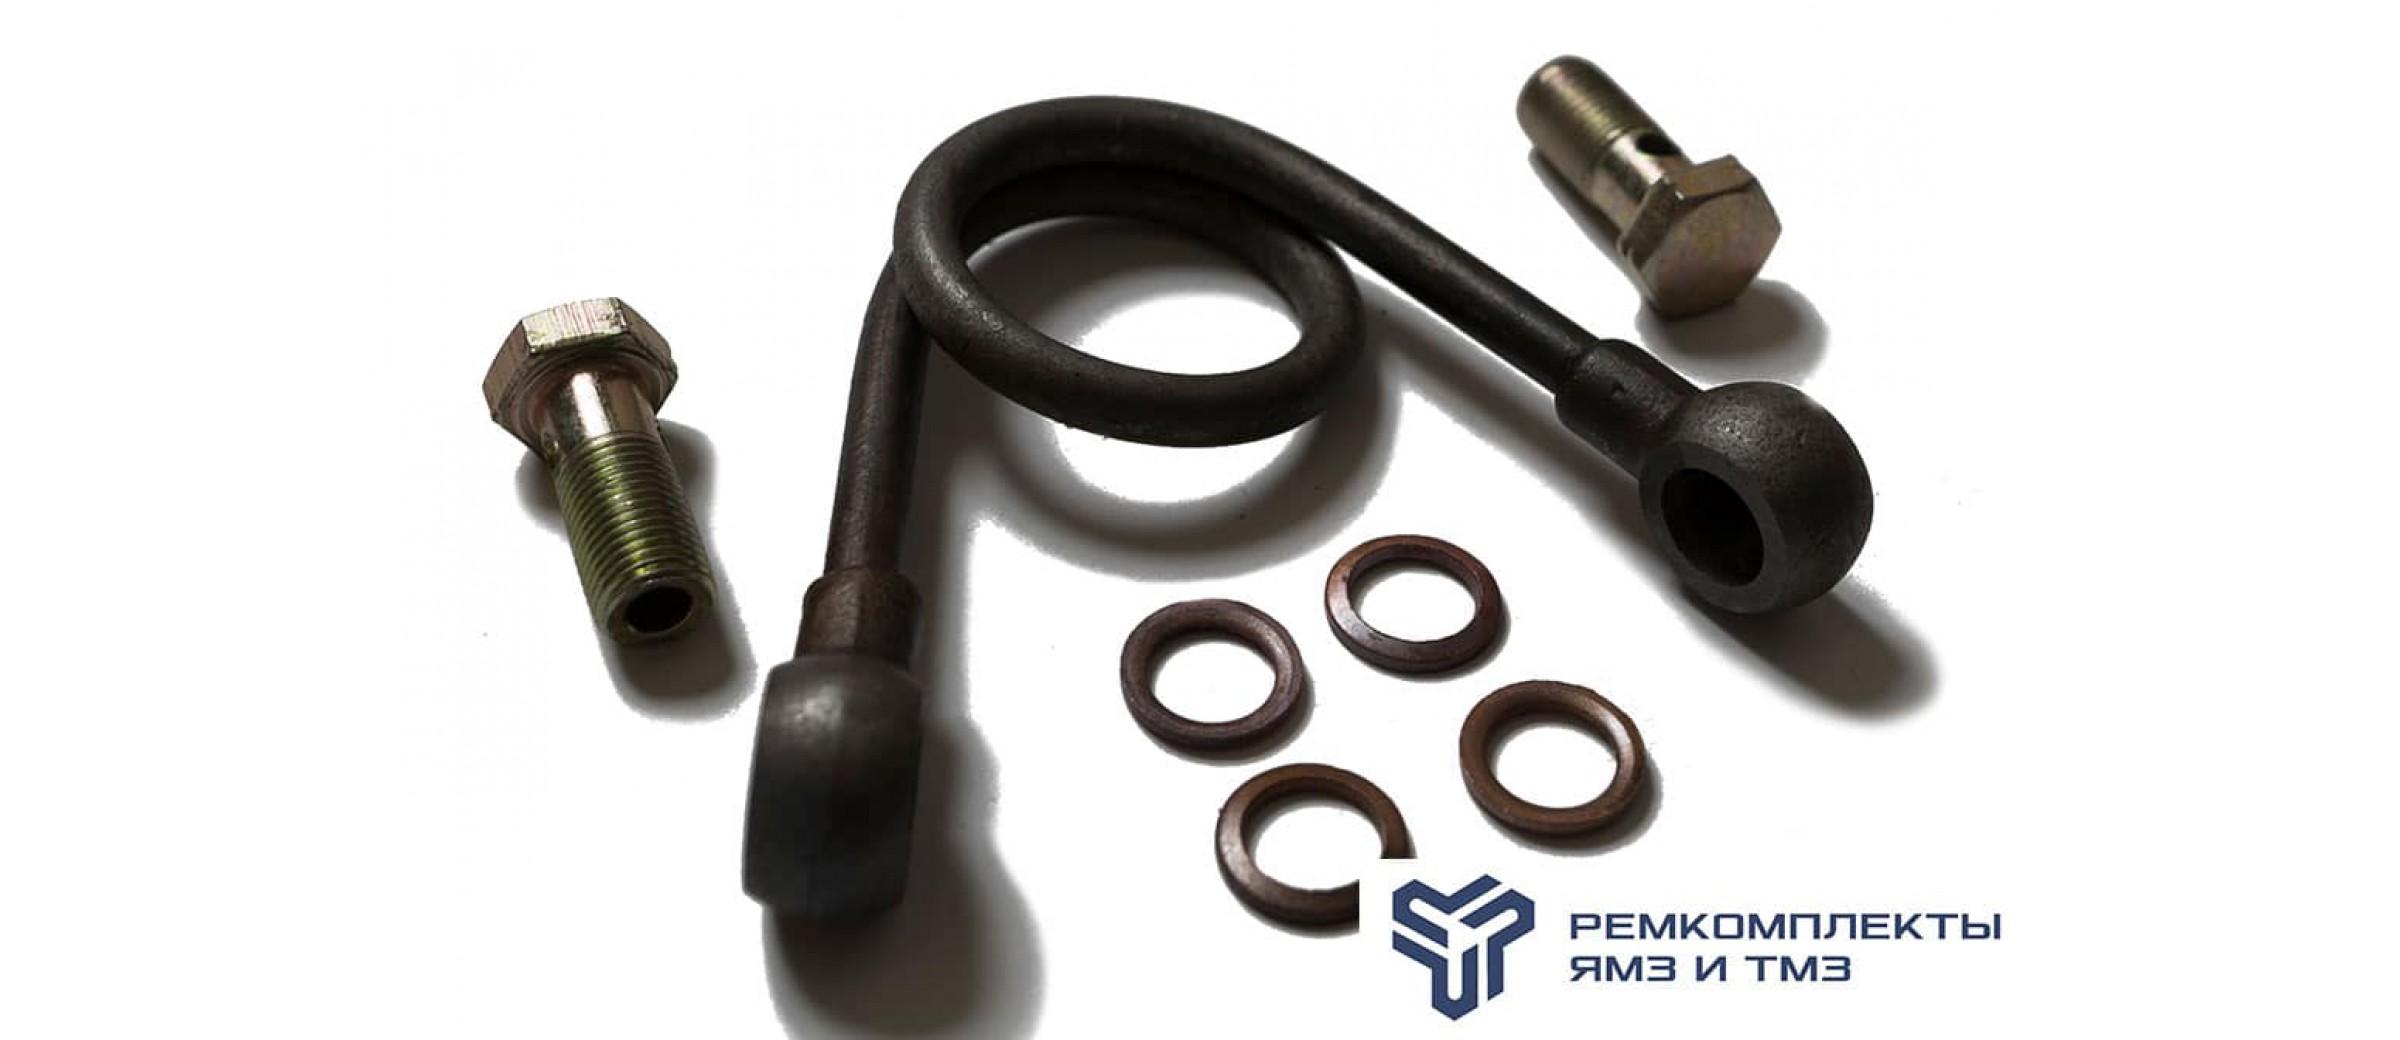 Ремкомплект подвода воздуха к корректору двигателя ЯМЗ-238Б,Д,ПМ,ФМ